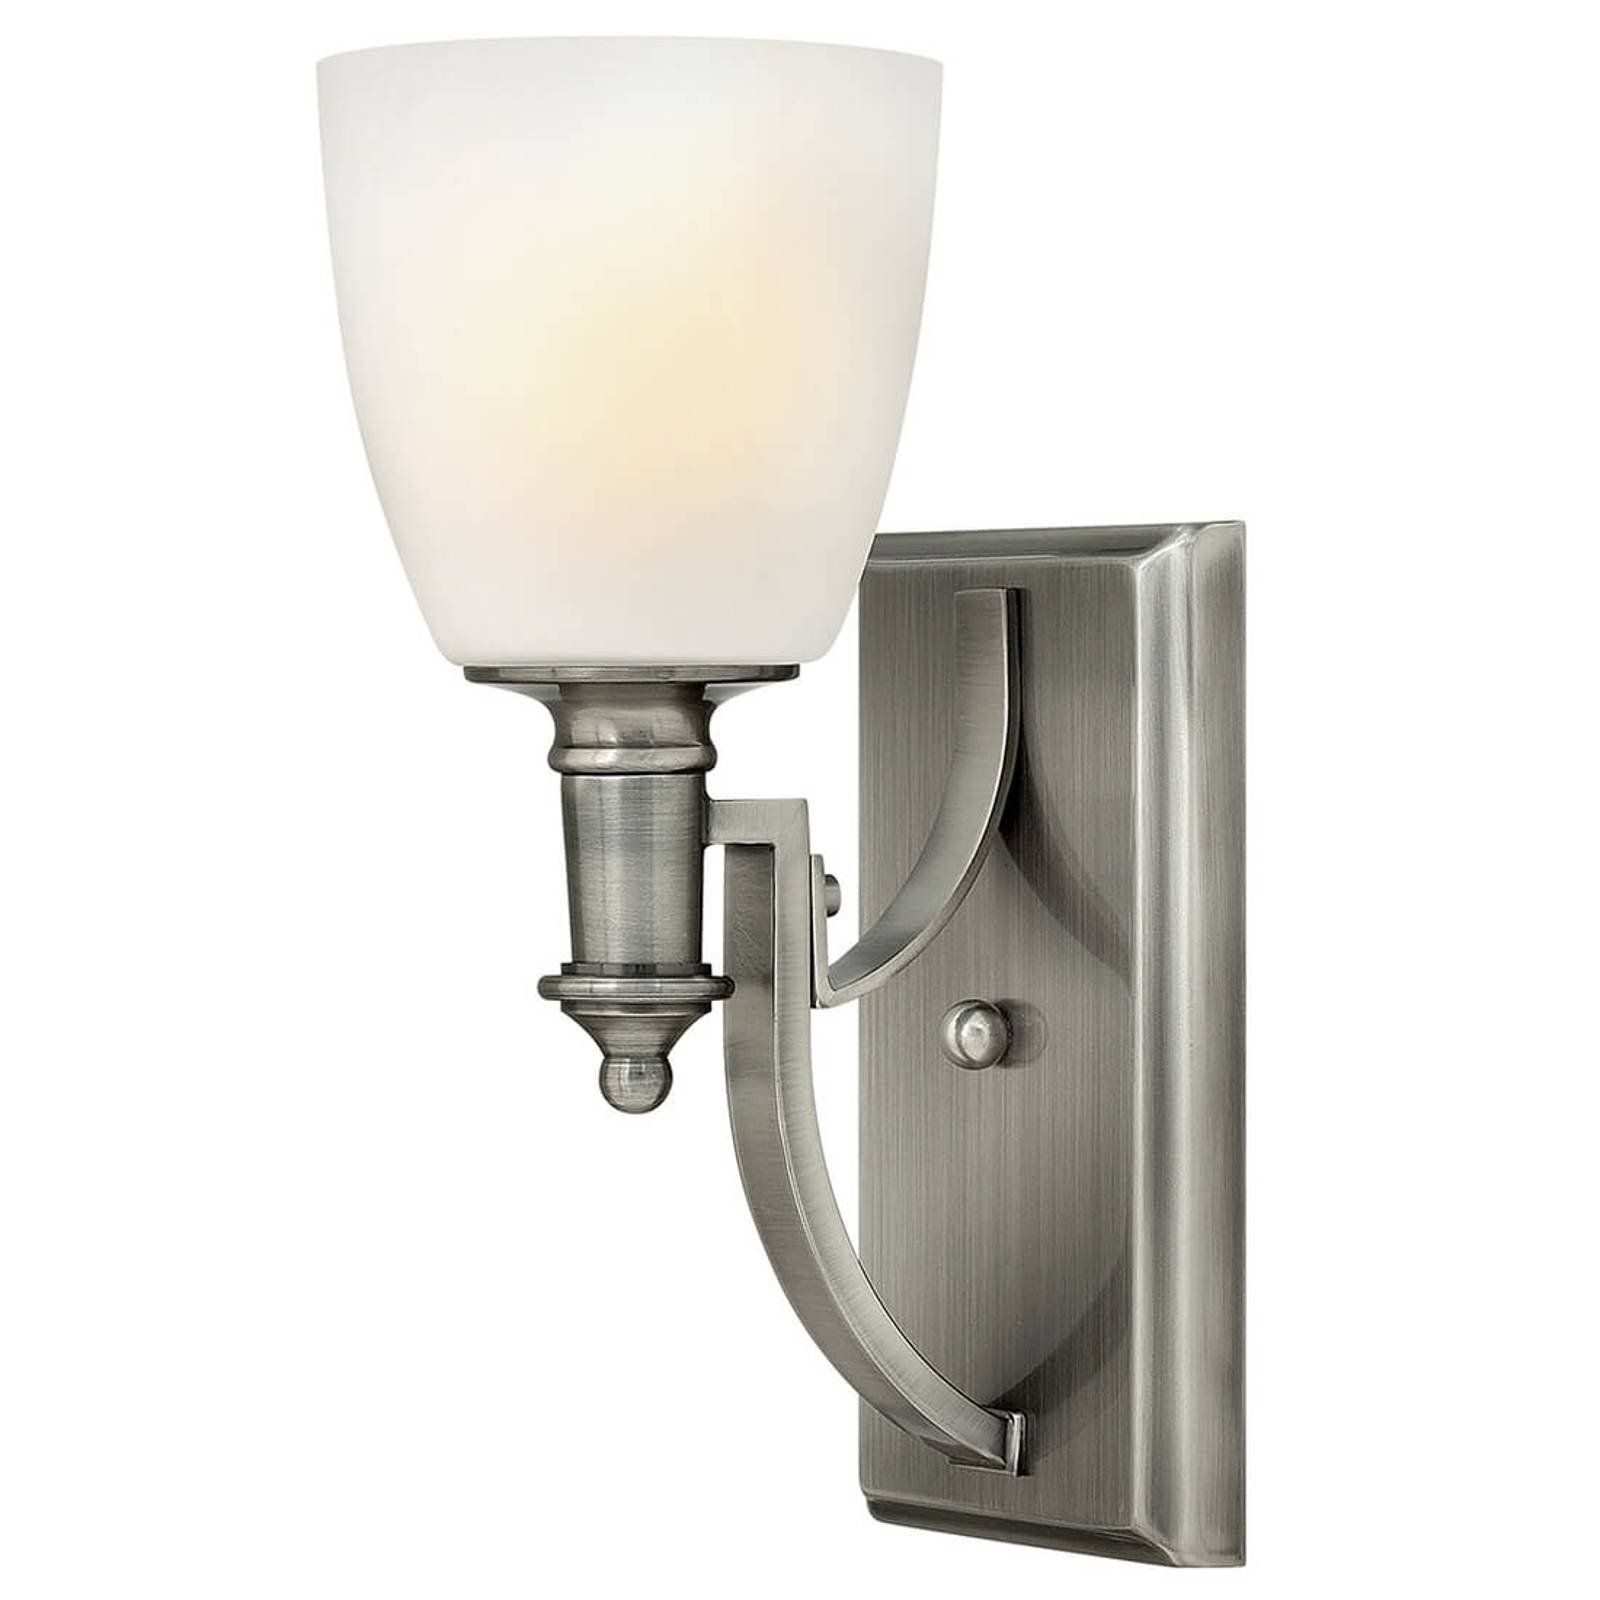 Vegglampe Truman i antikk nikkel